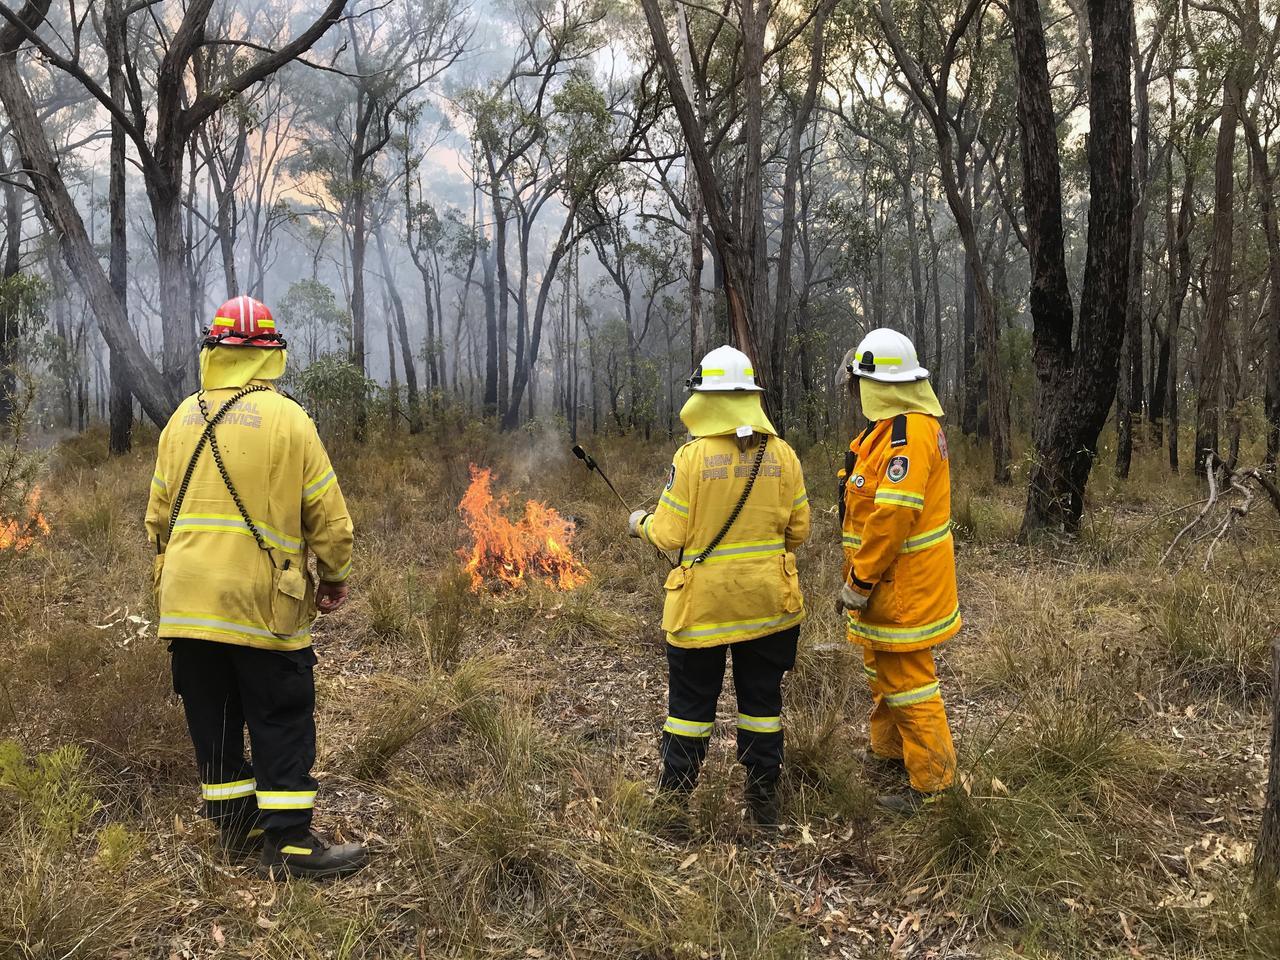 Lính cứu hỏa Úc cho biết đám cháy kinh hoàng đã được kiểm soát